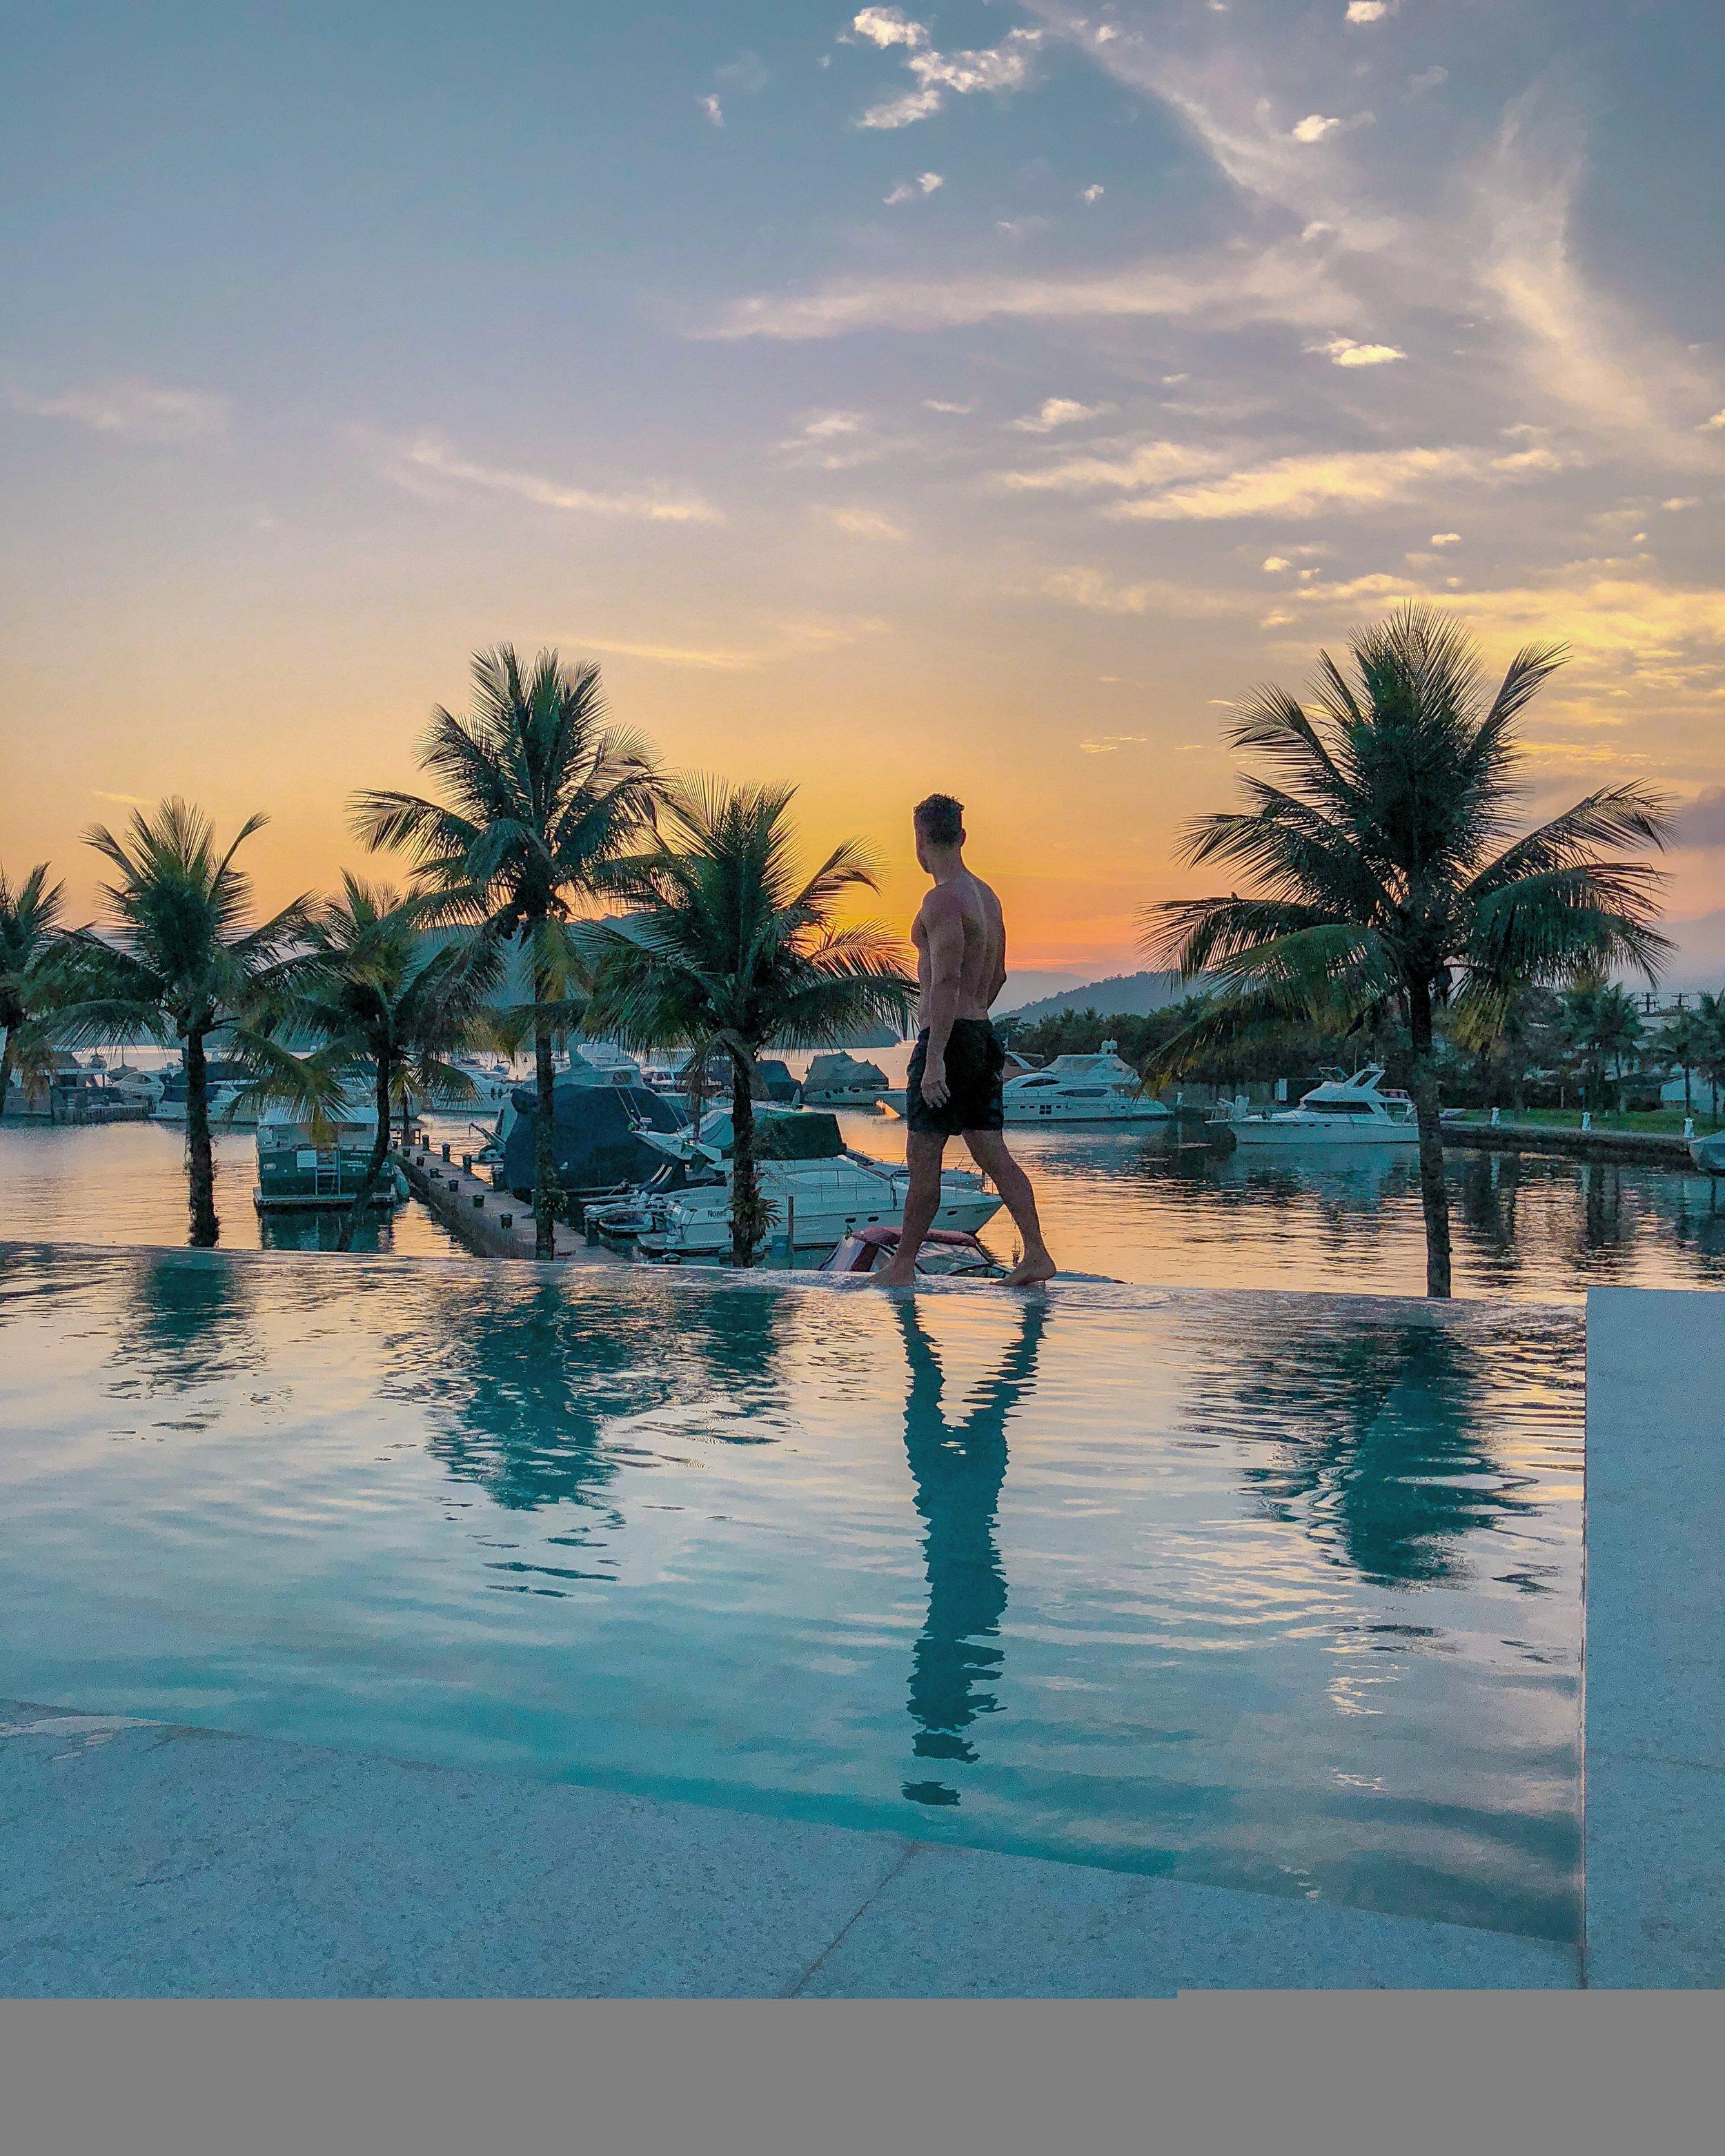 O hotel tem duas piscinas. Uma com borda infinita de frente para a marina (acima) e uma longa, perfeita para quem gosta de nadar.